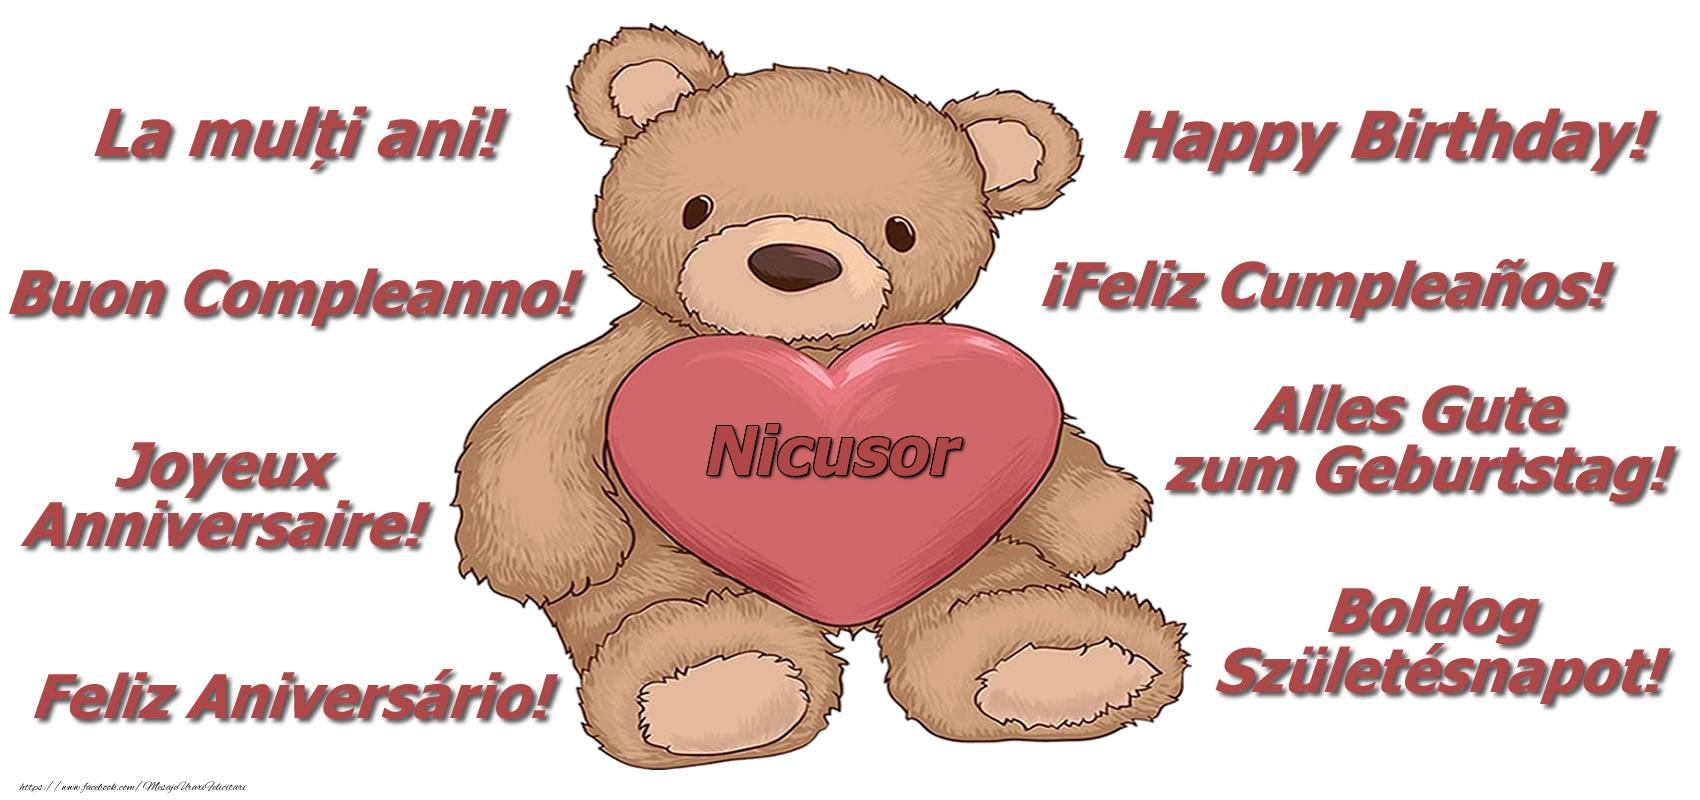 Felicitari de zi de nastere - La multi ani Nicusor! - Ursulet